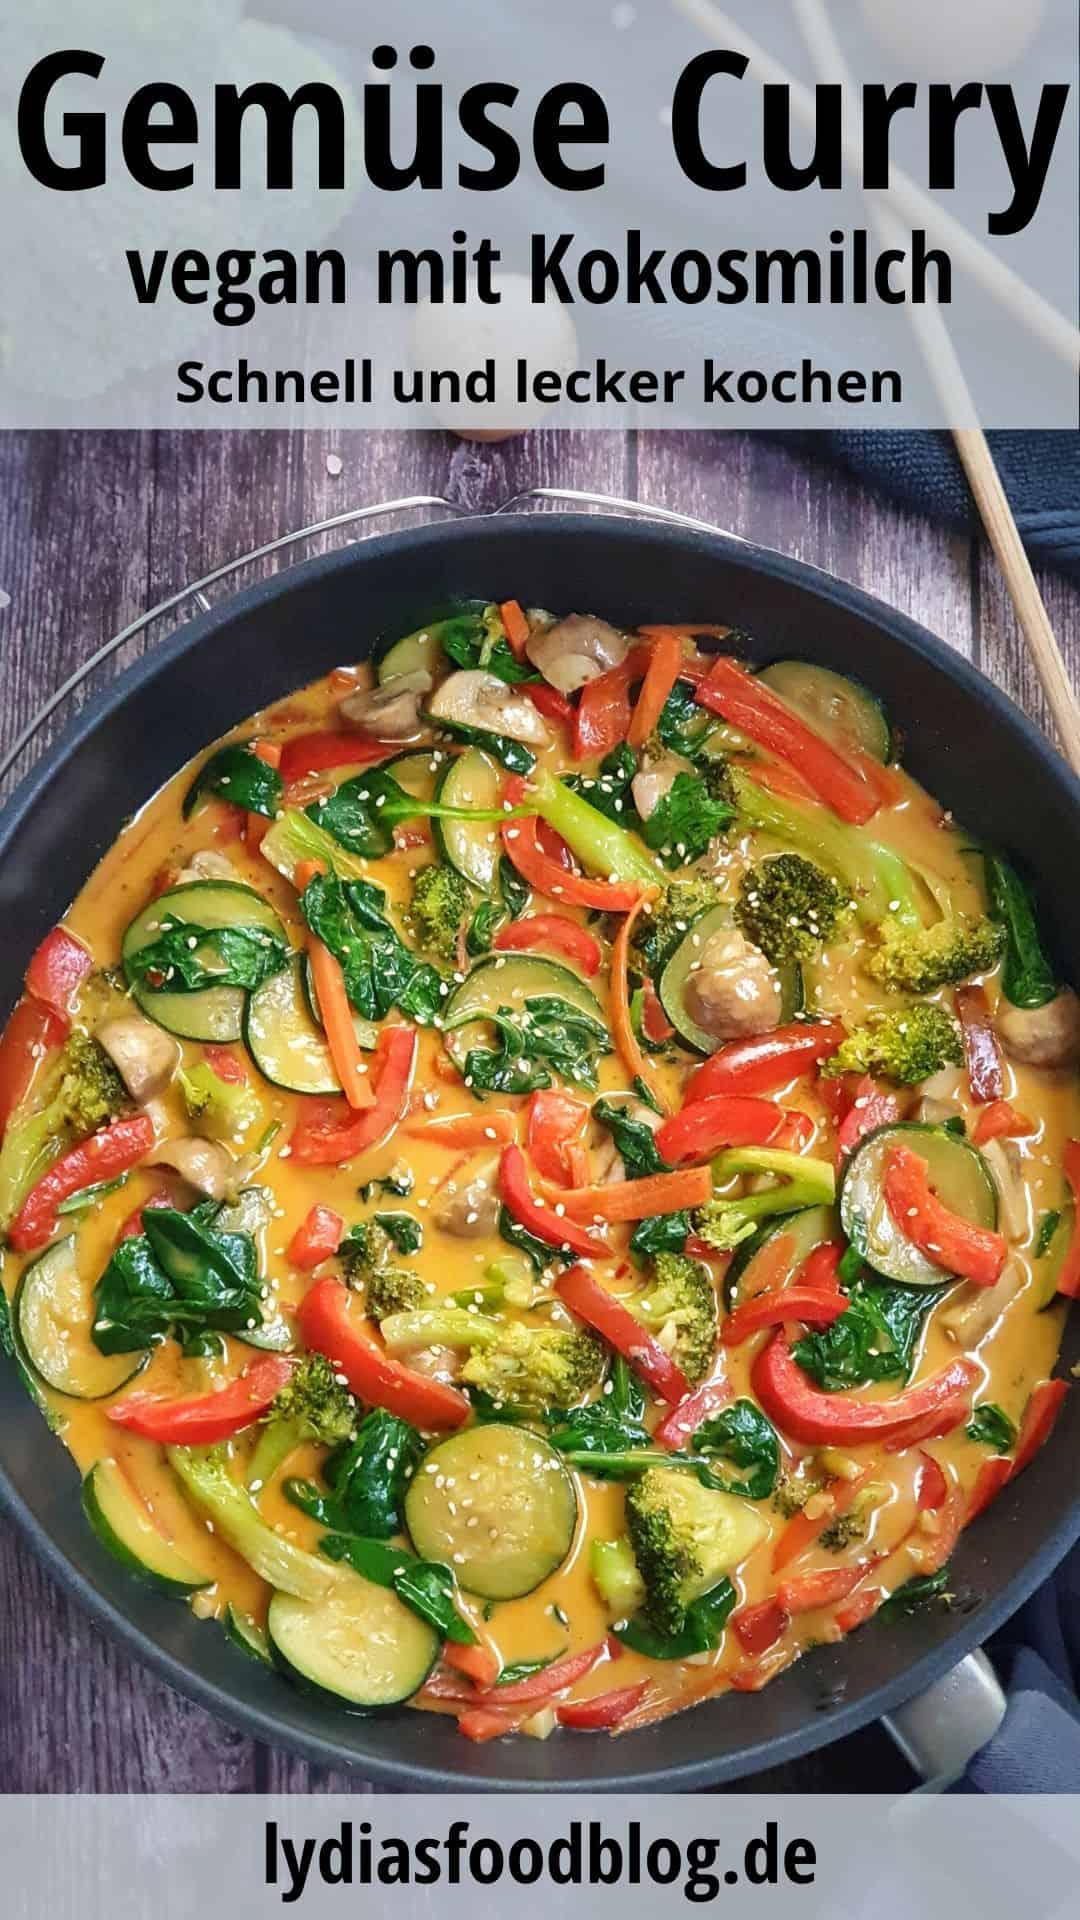 In einer Pfanne angerichtet ein Gemüsecurry mit Kokosmilch mit Sesam bestreut.